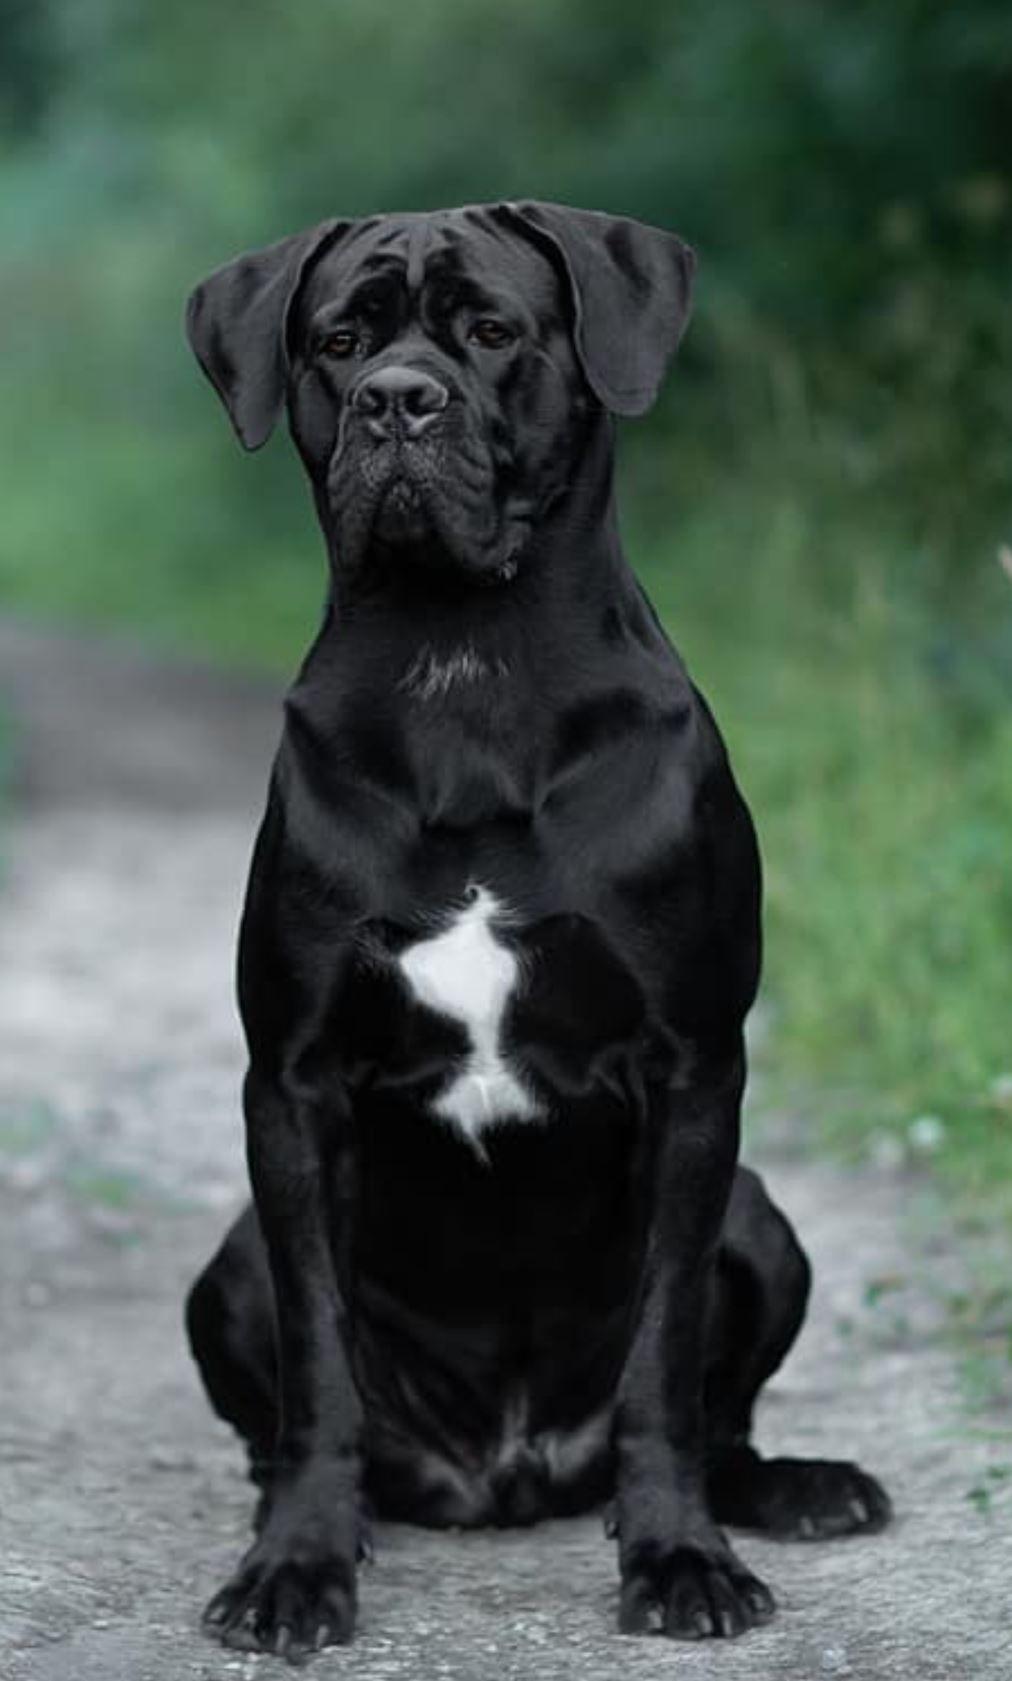 Cane Corso Dog Photography Corso Dog Cane Corso Dog Cane Corso